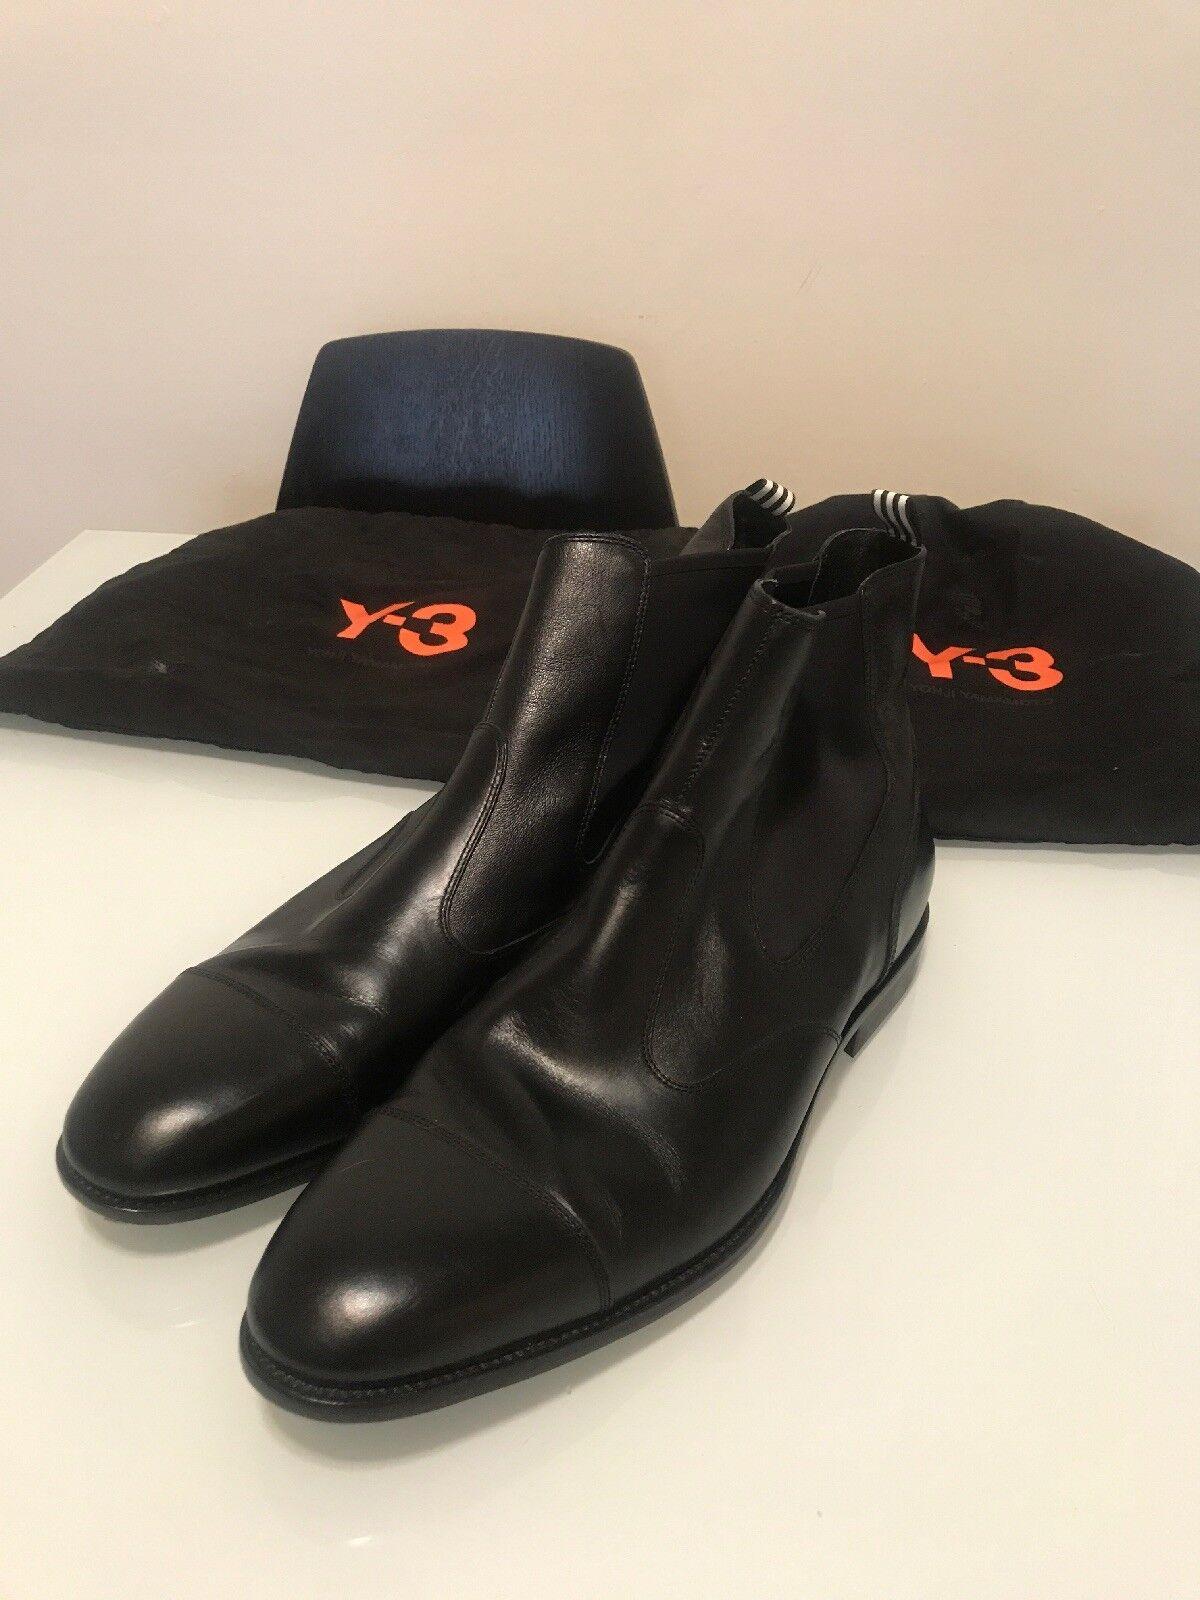 Sito ufficiale Yohji yamamoto scarpe Uomo Sz UK12 UK12 UK12  grandi offerte